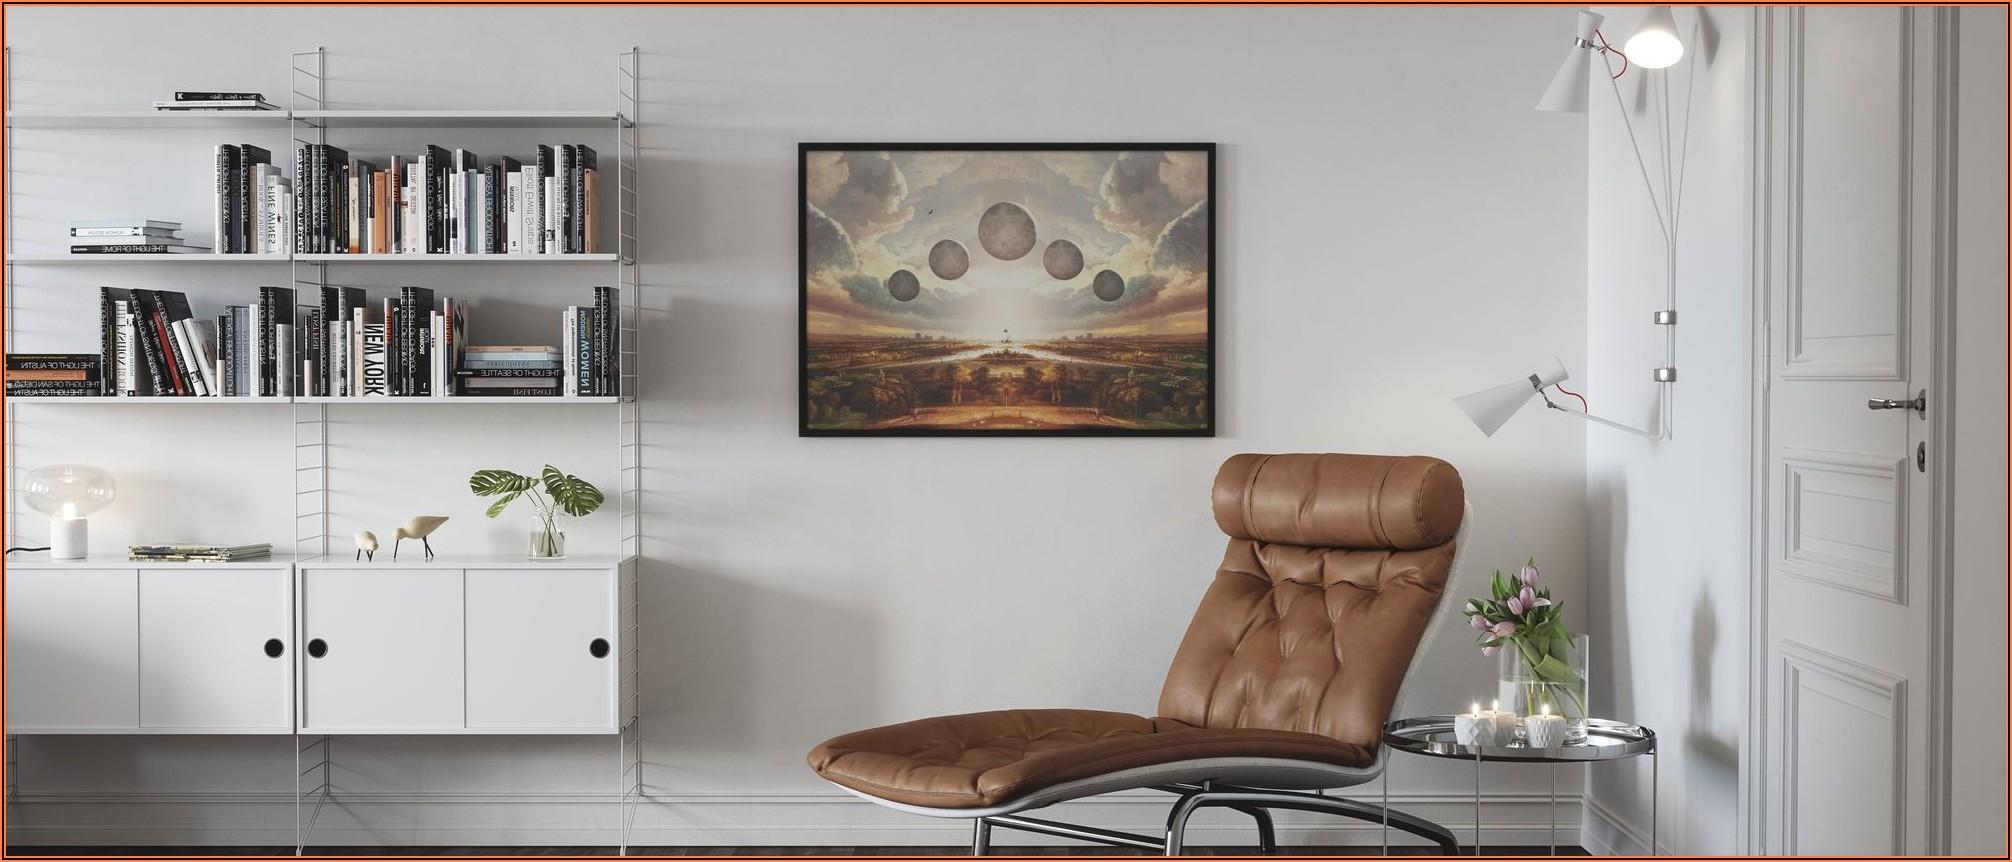 Bilder Wohnzimmer Tipps